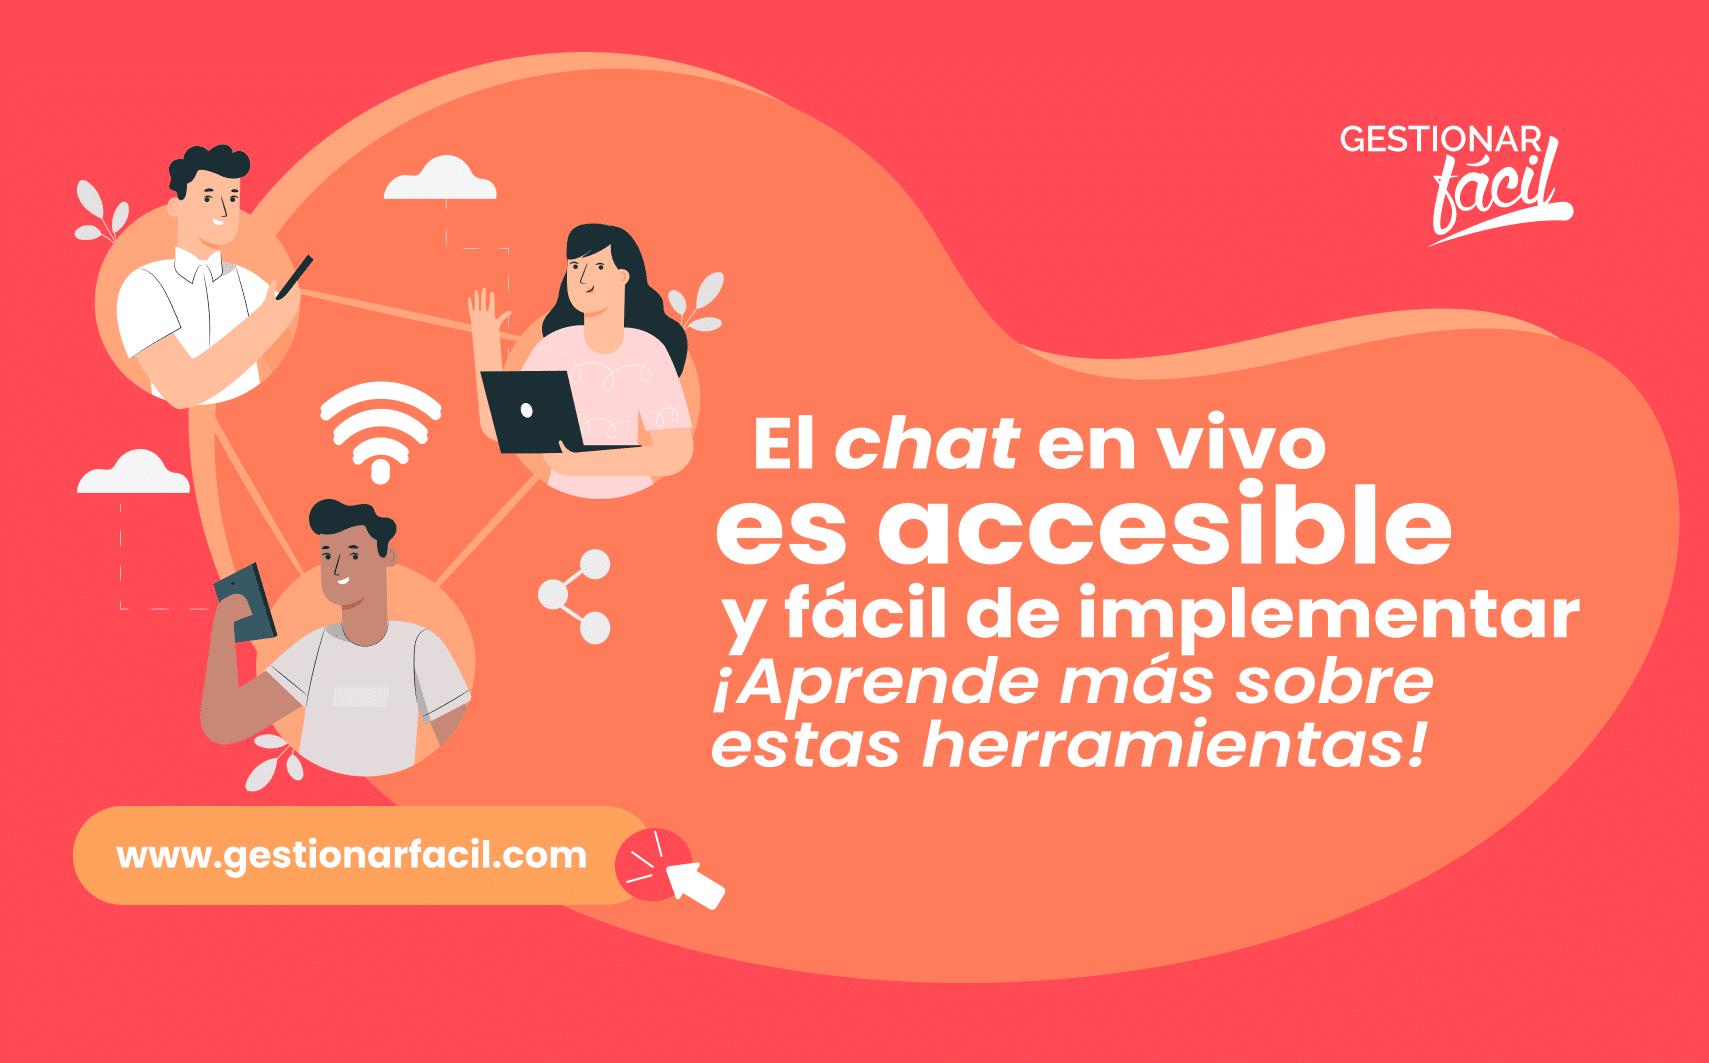 El chat en vivo es accesible para todos los usuarios